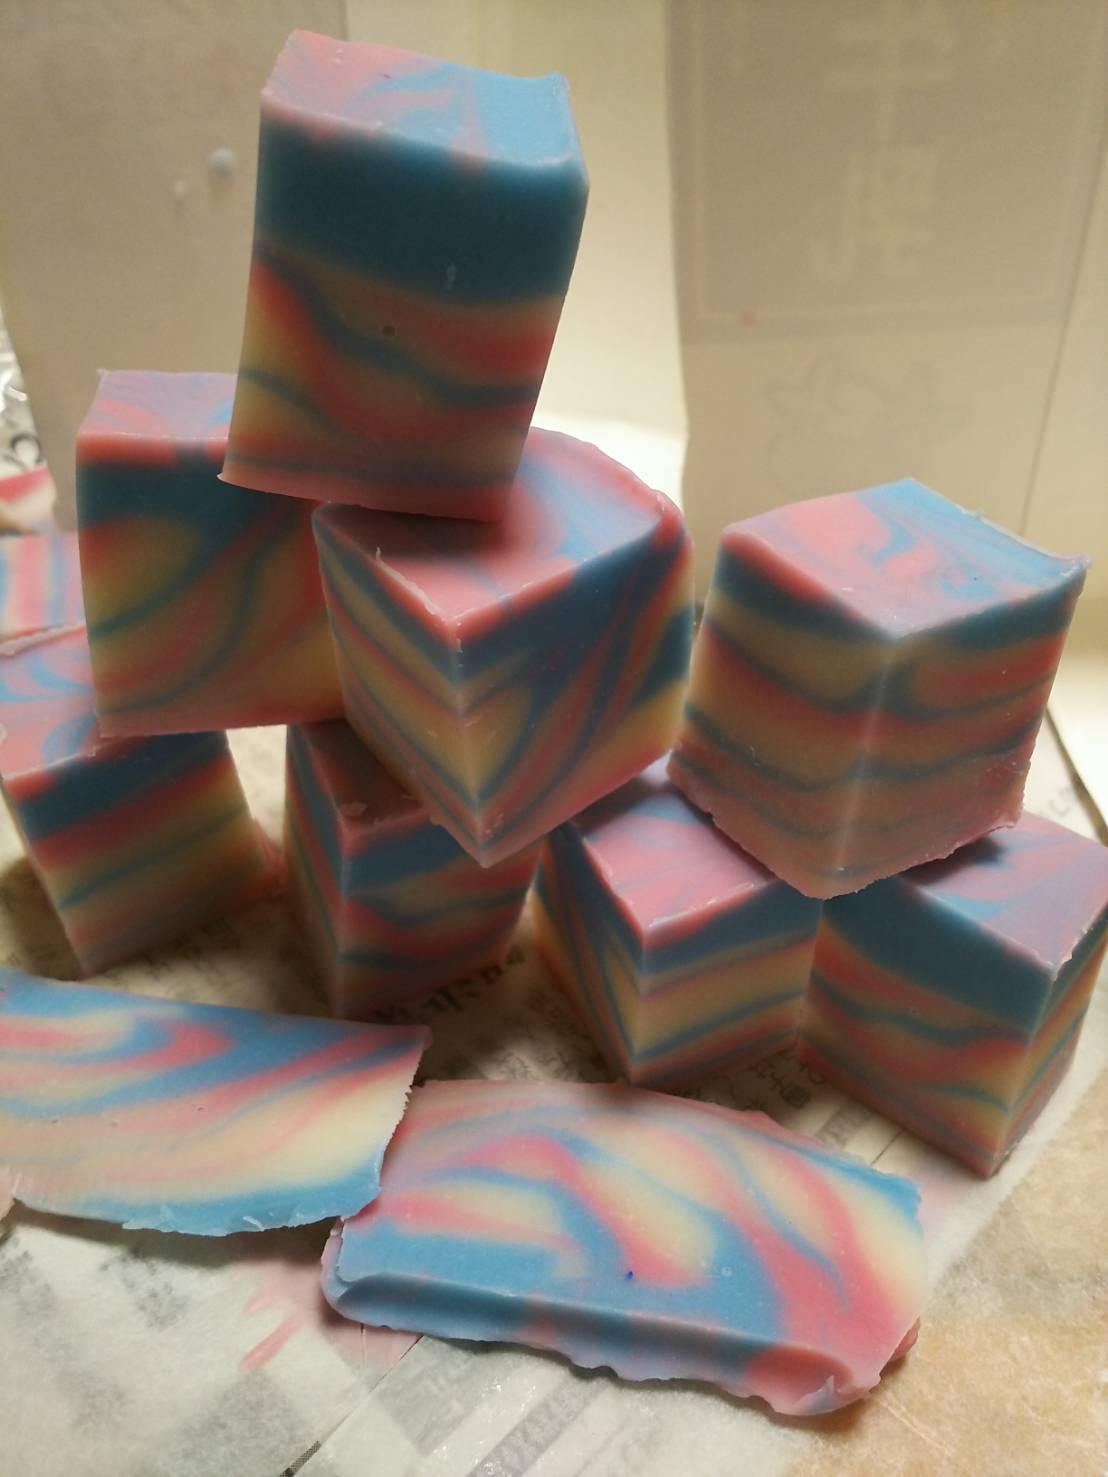 オイルから作る手作り石鹸は、お肌を守ります。_c0206366_00122990.jpg